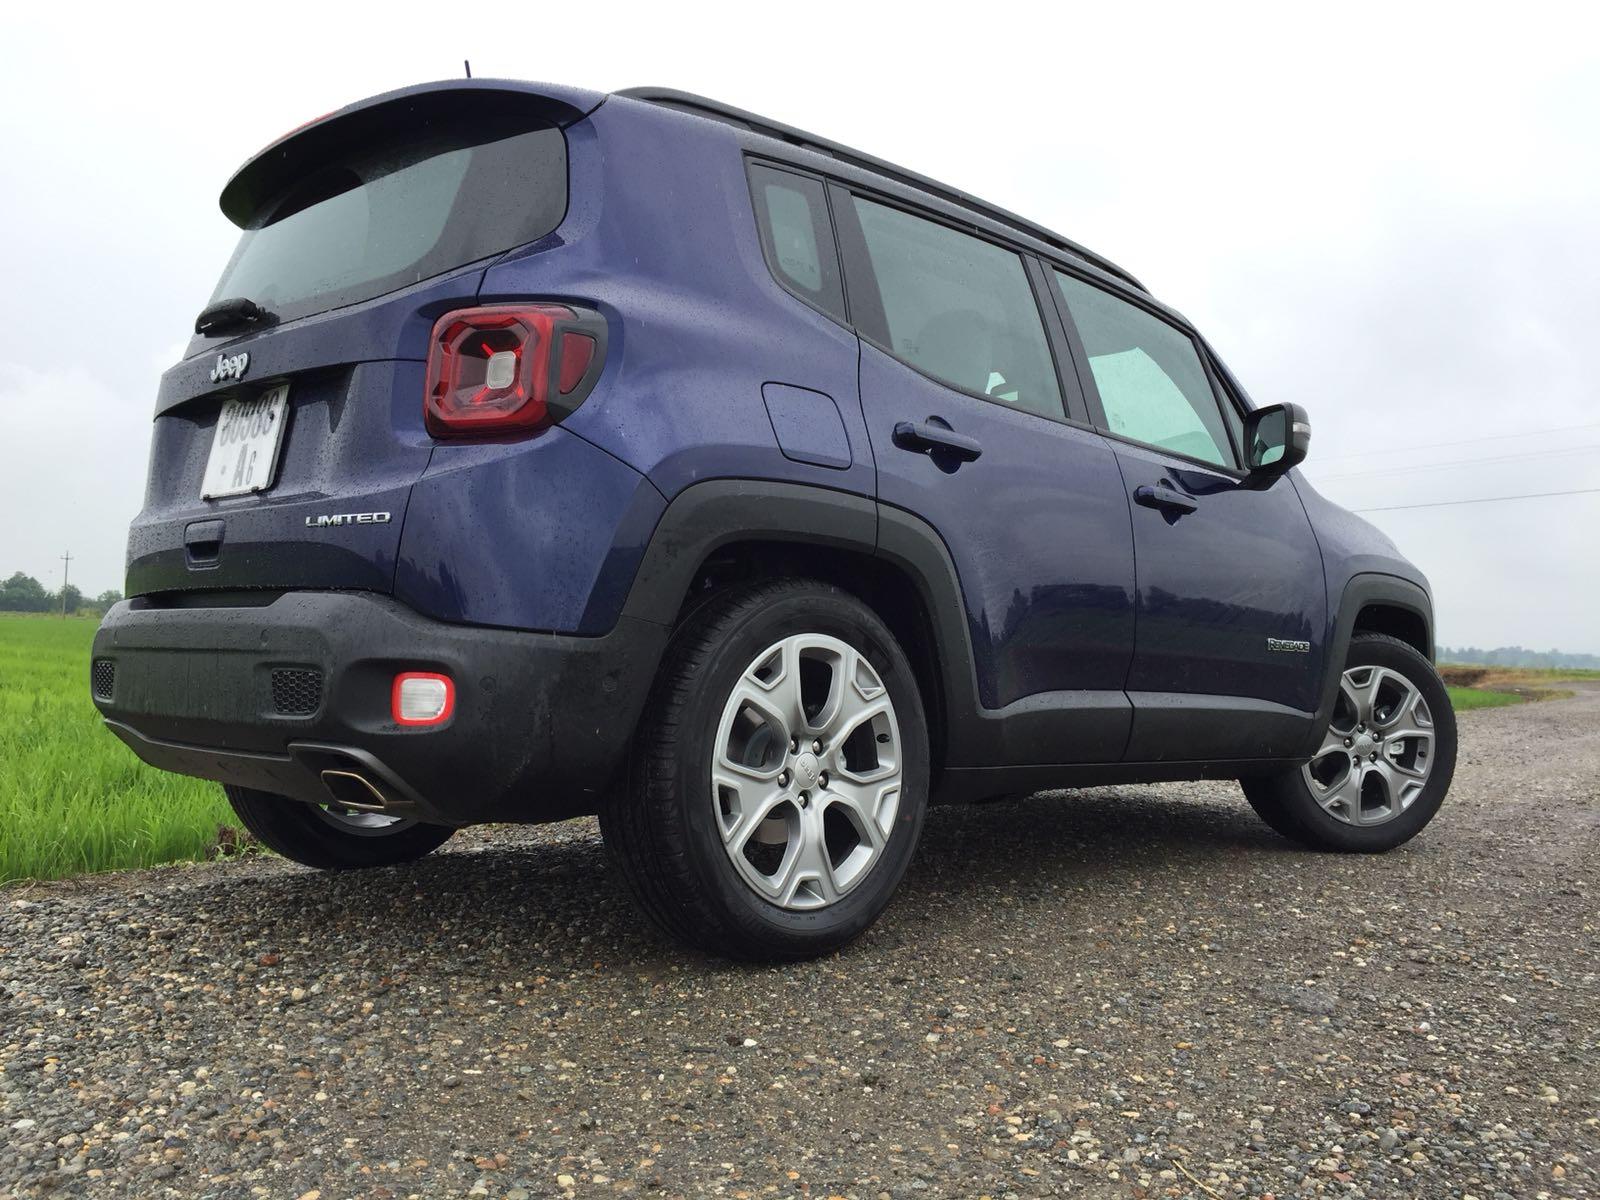 nuova-jeep-renegade-2019-design-esterni-posteriore